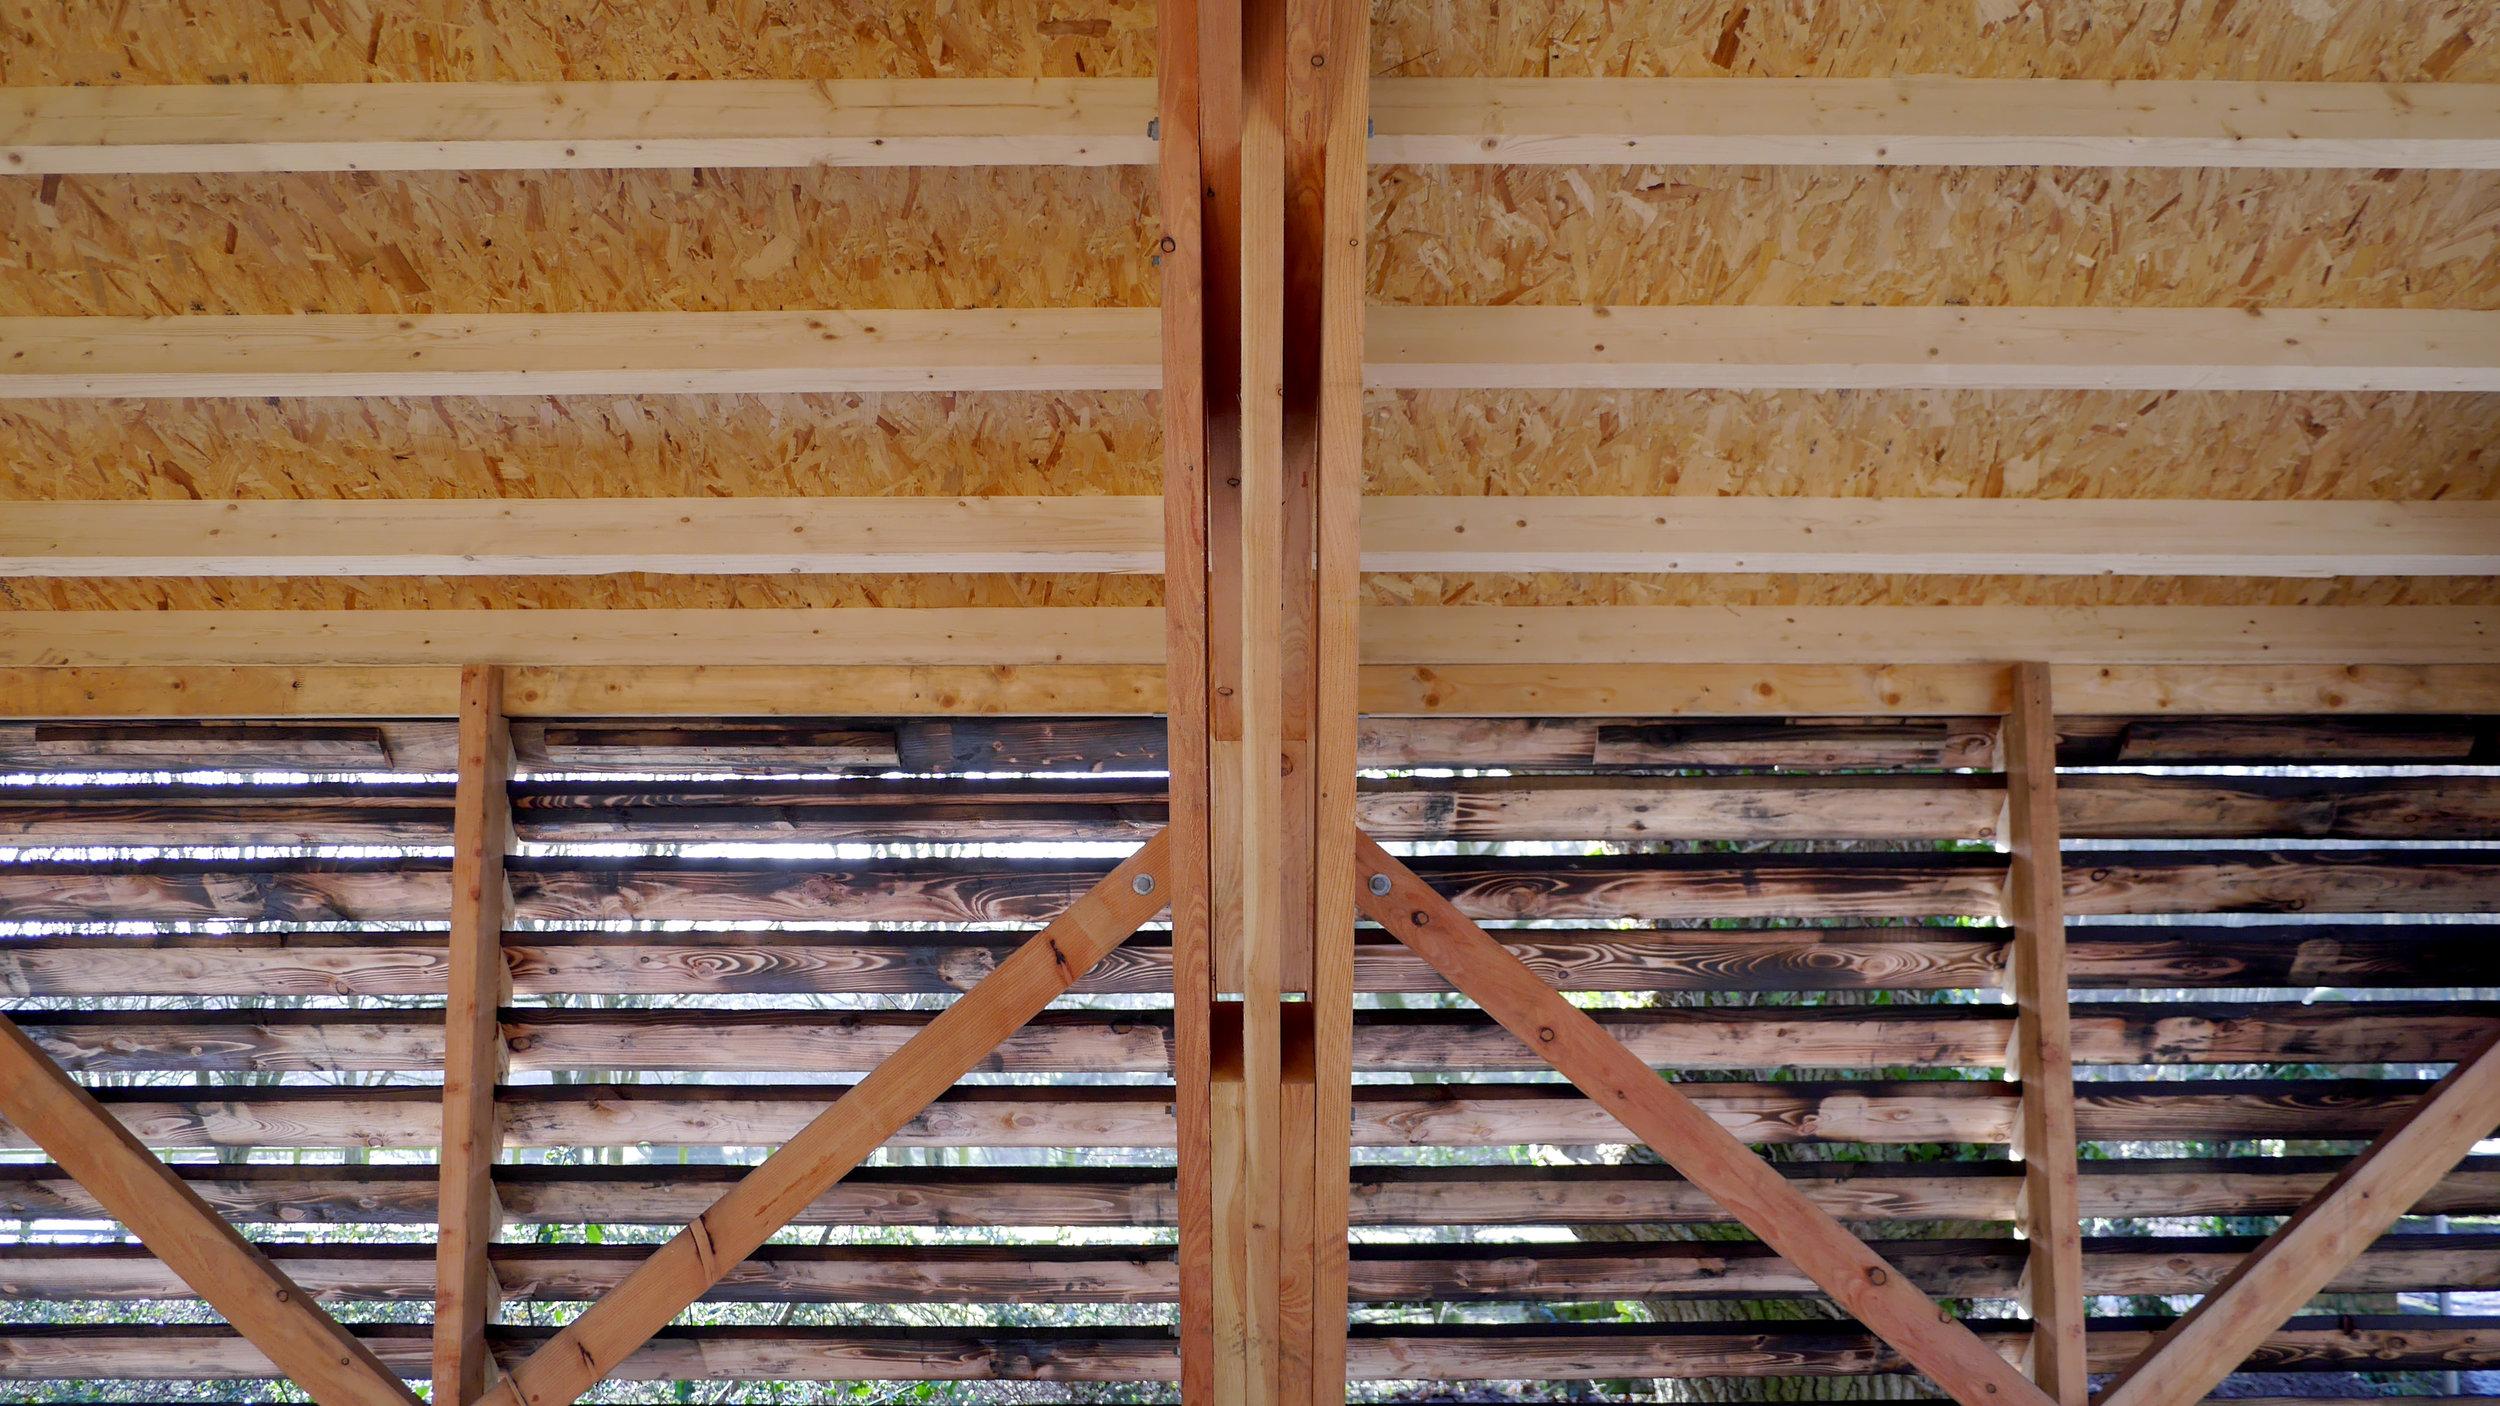 OC_32_store inside roof.jpg